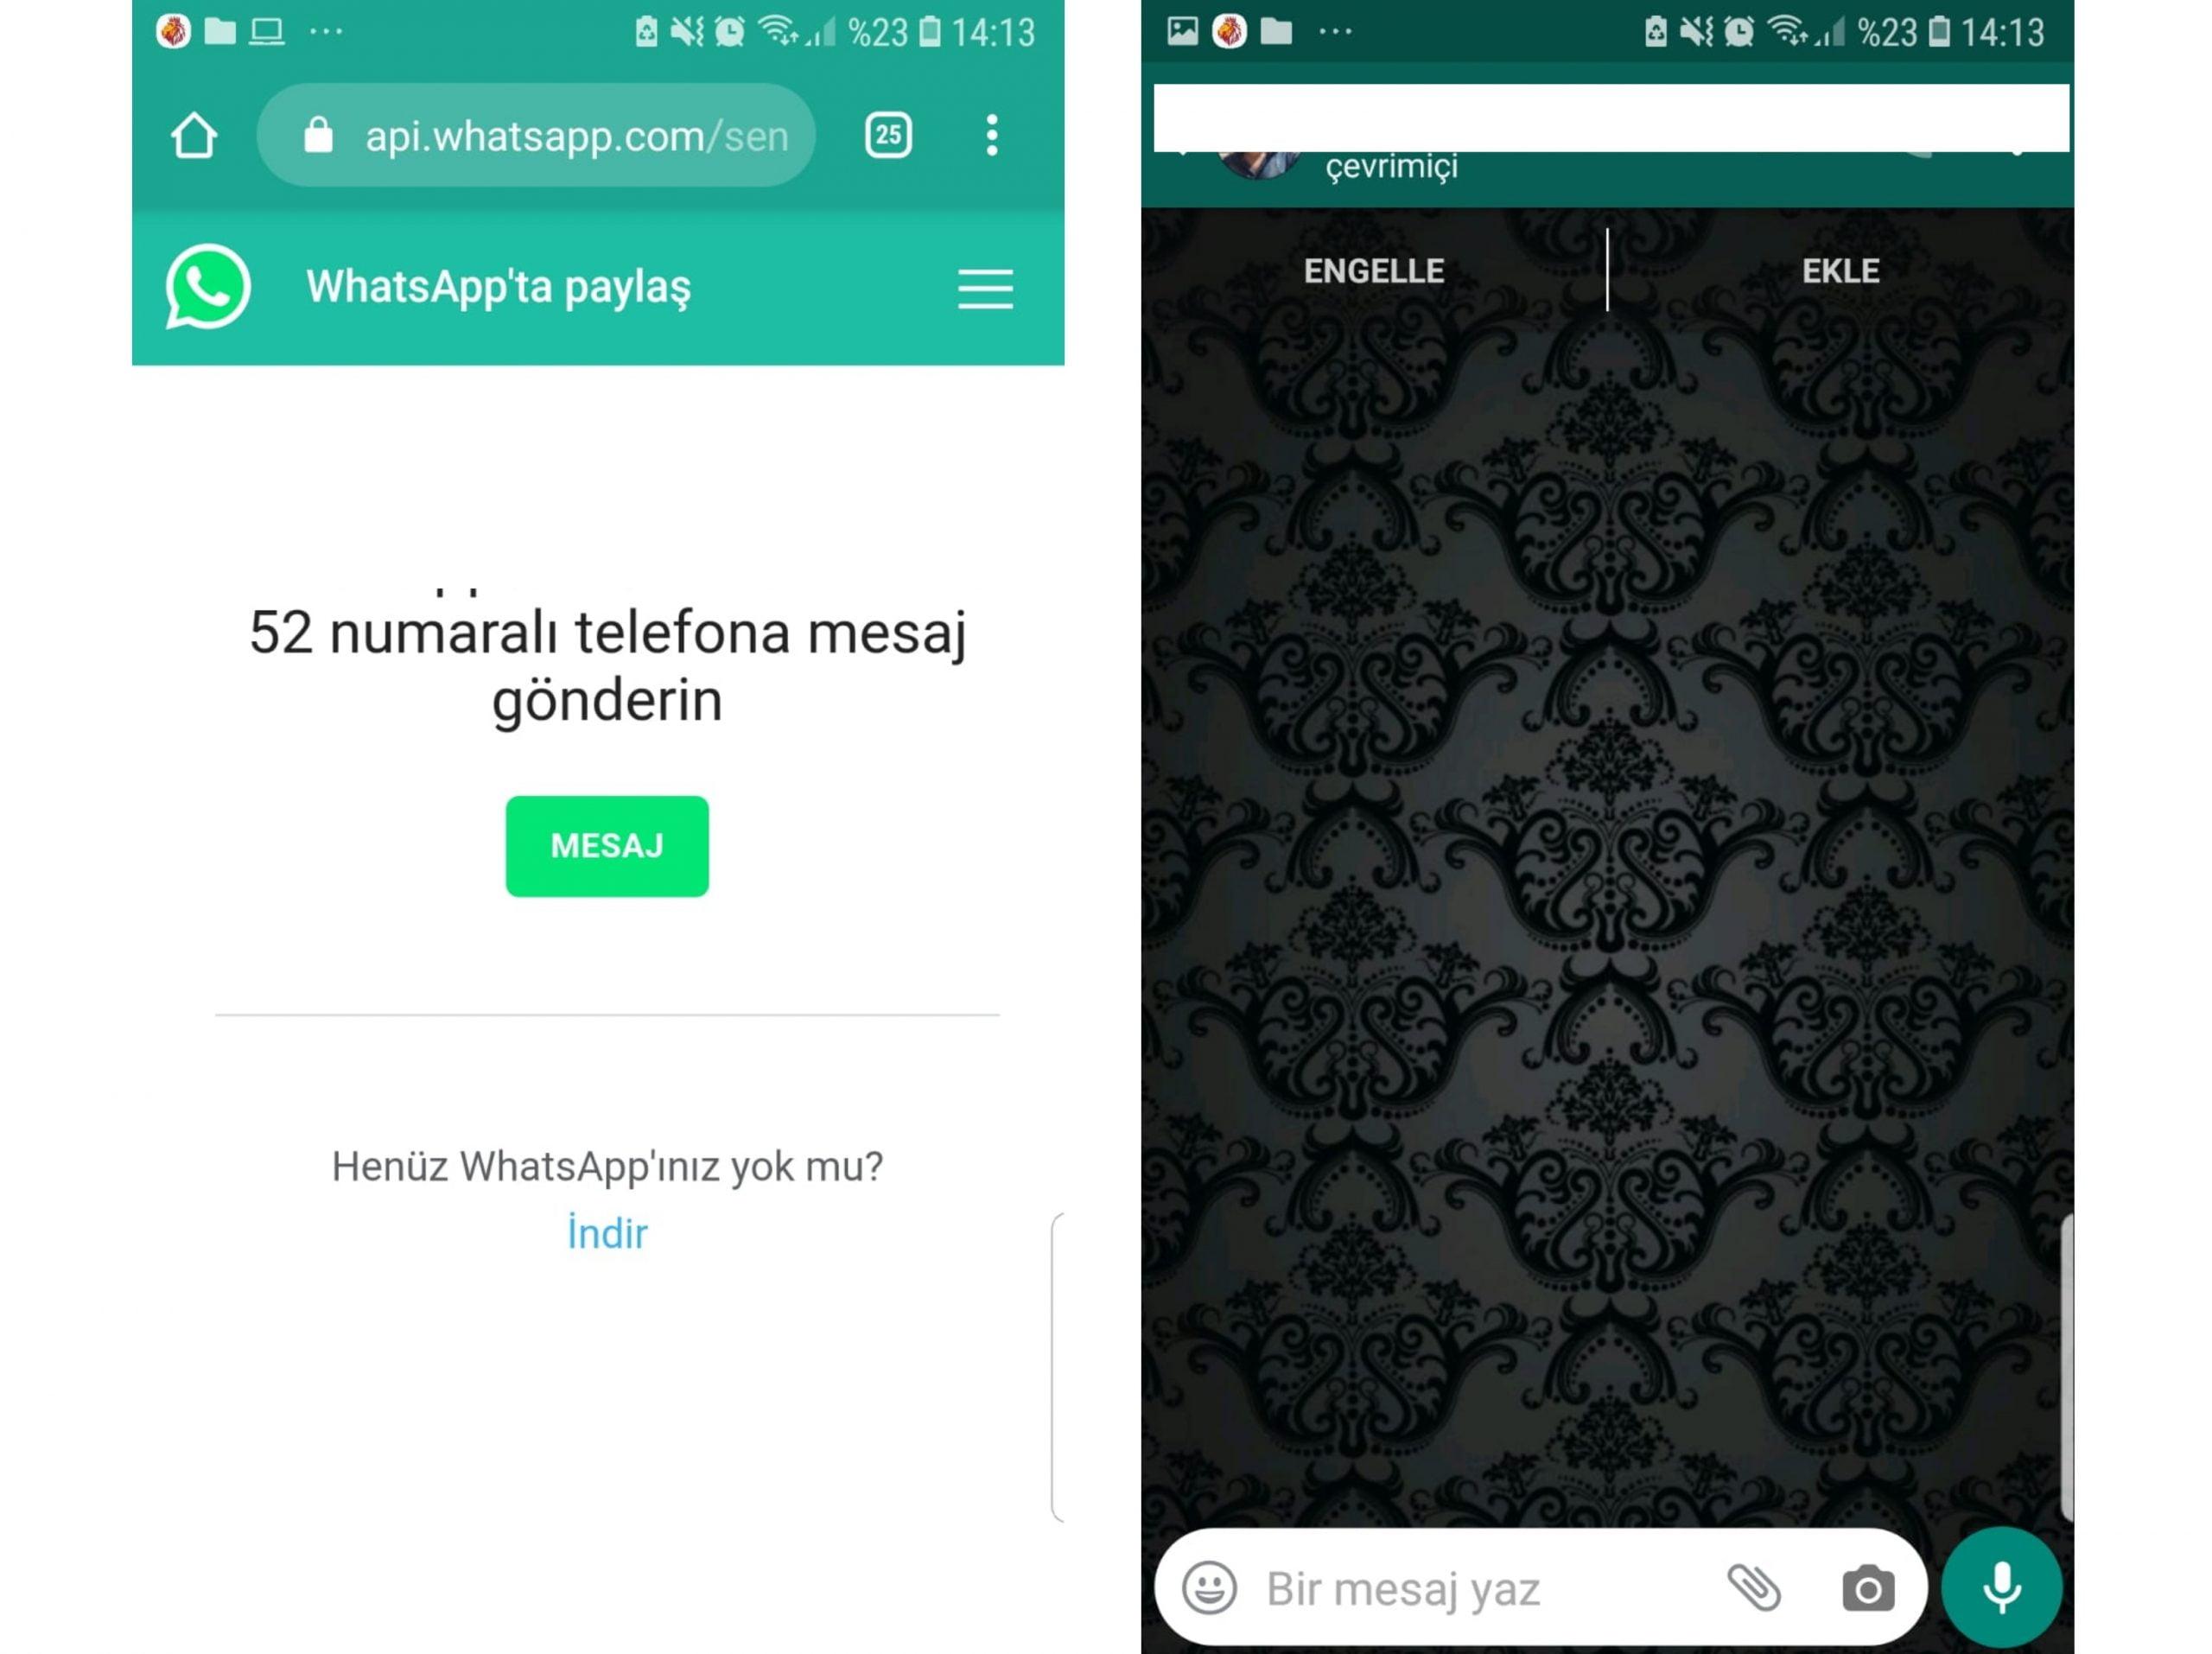 whatsapp numara kaydetmeden mesaj atma